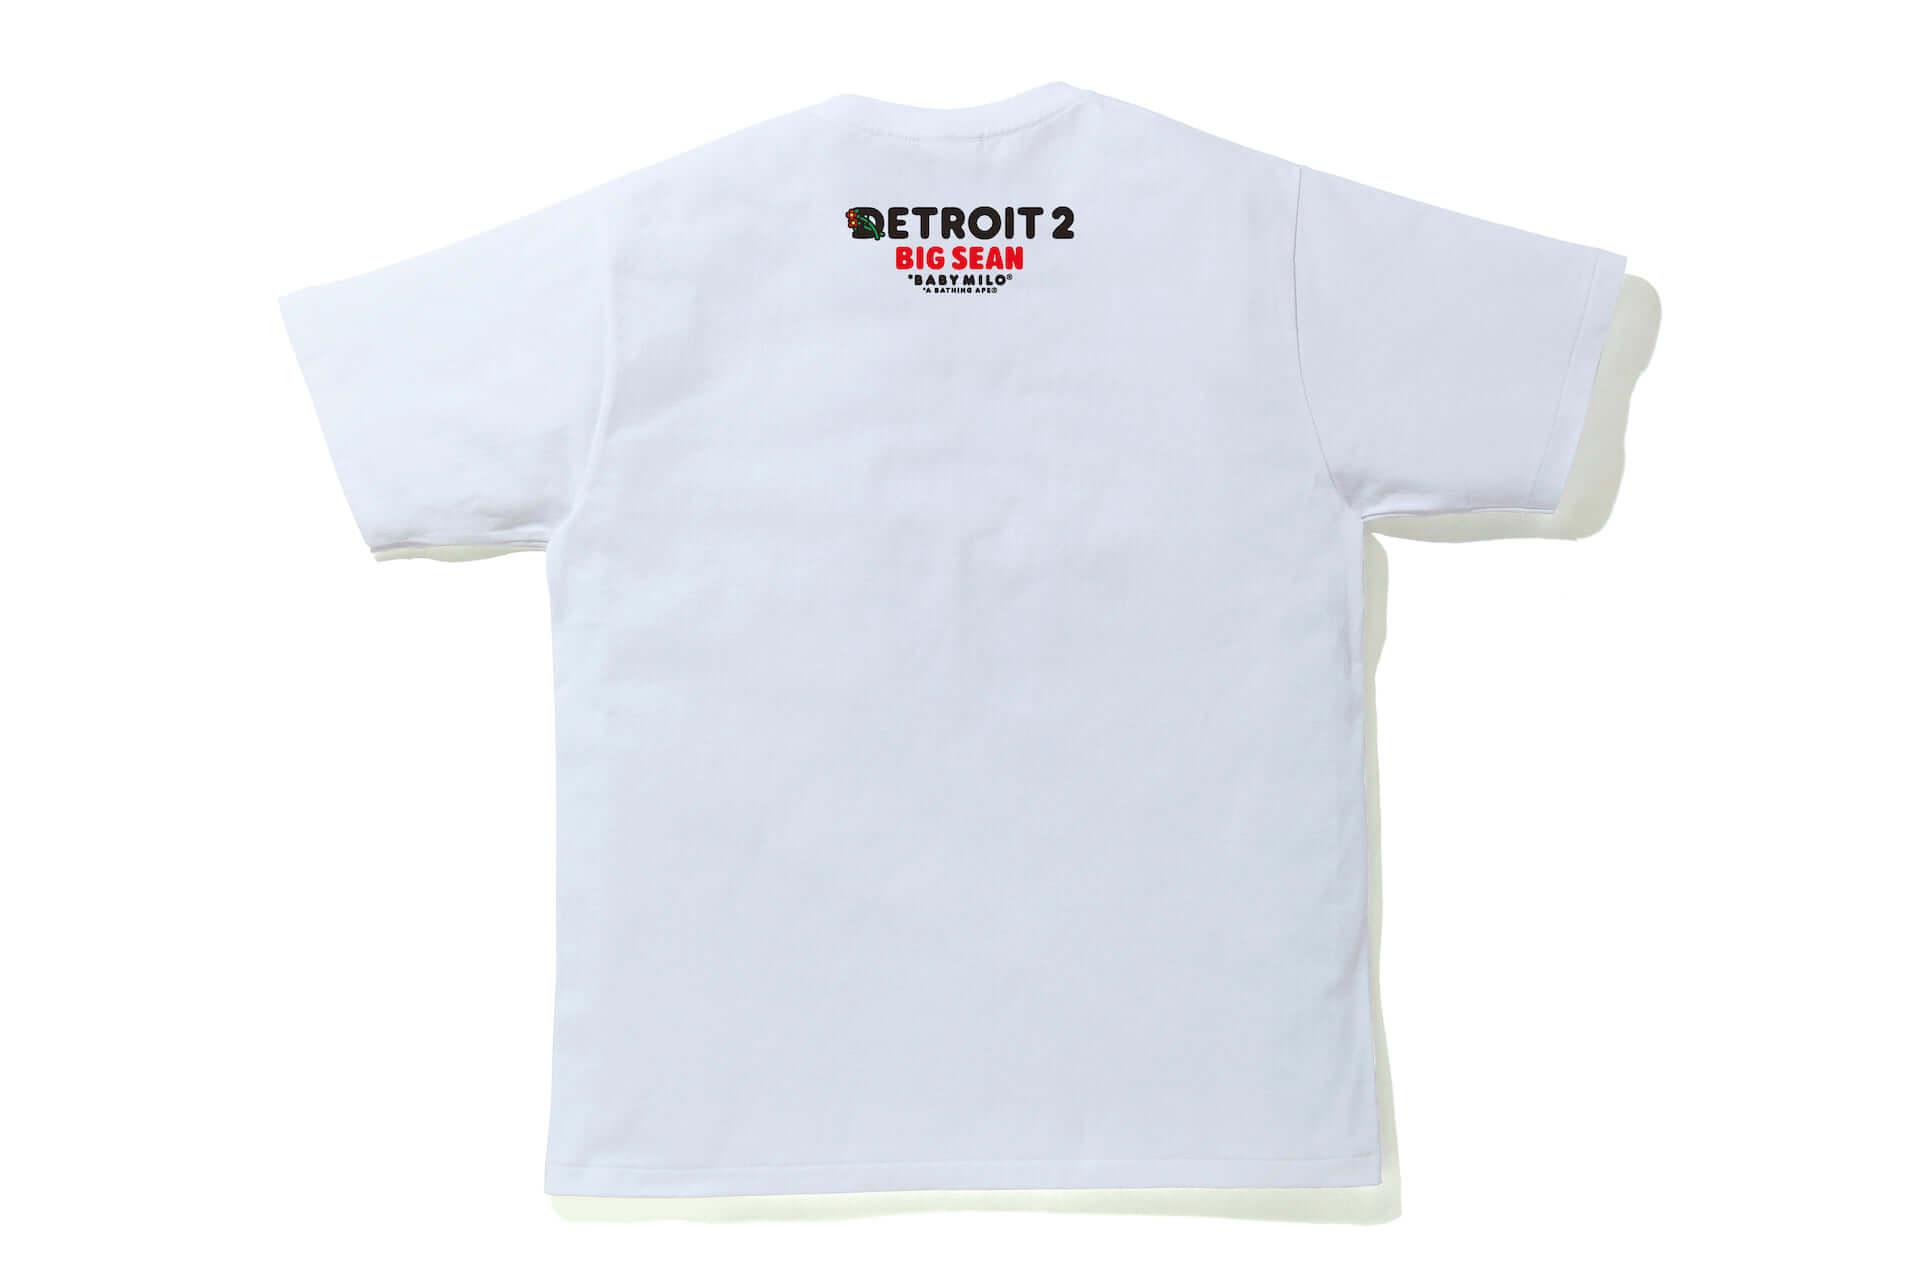 Big SeanとA BATHING APE(R)による最新コラボTシャツが発売決定!アルバム『DETROIT 2』のアートワークがBABY MILO(R)スタイルに lf210113_bape-bigsean_3-1920x1280